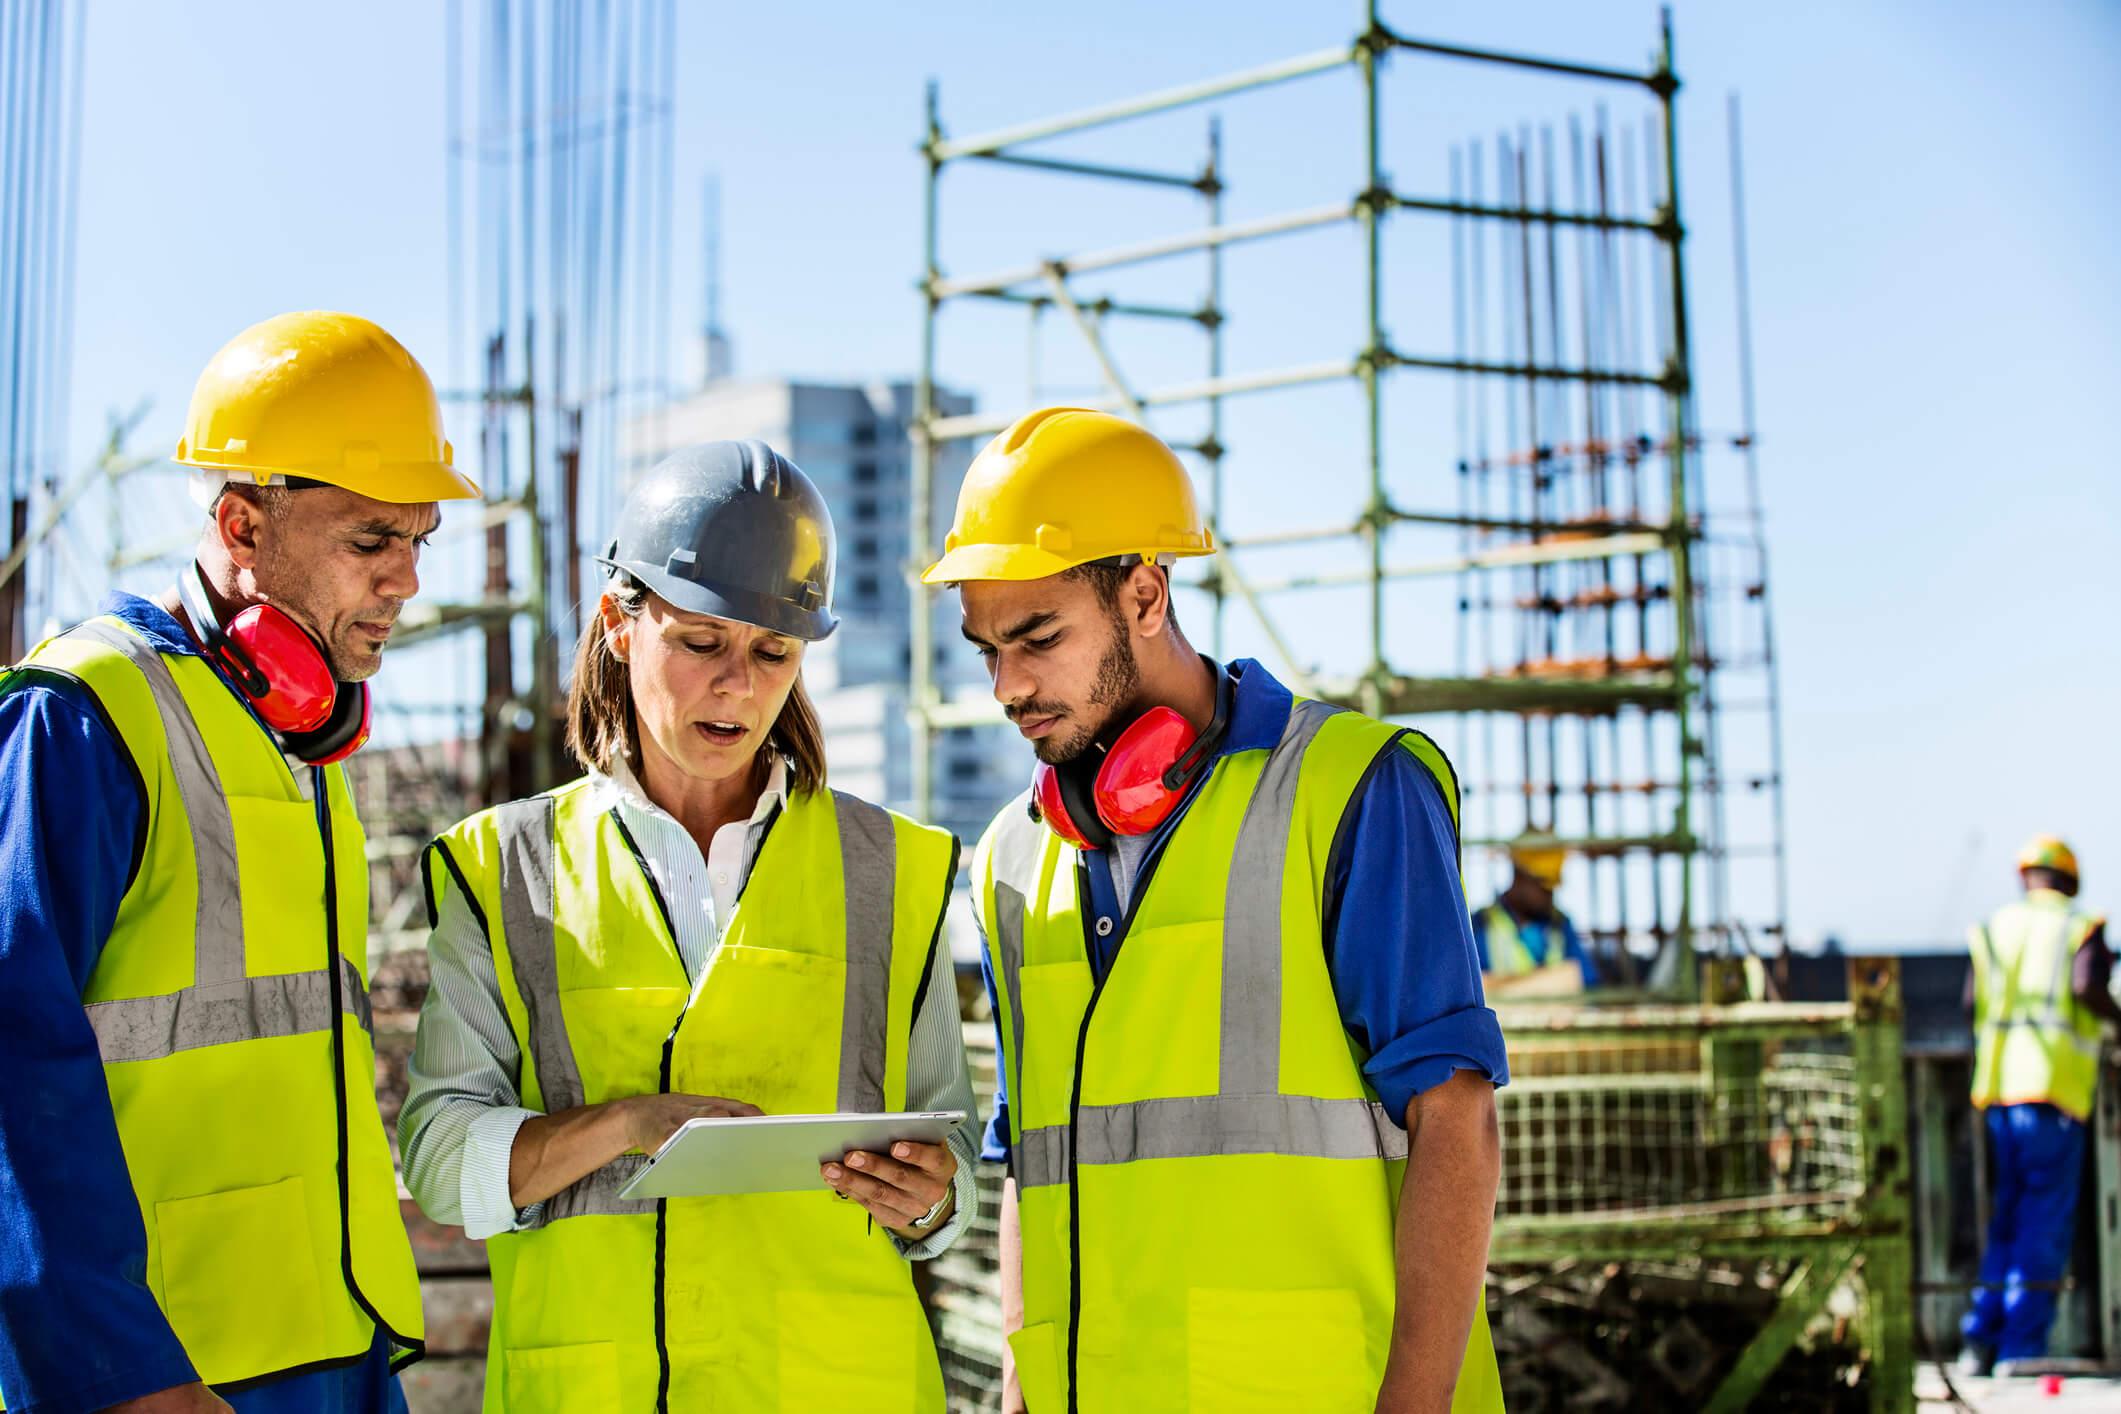 Certificado de qualidade: como escolher um fornecedor para construção civil?